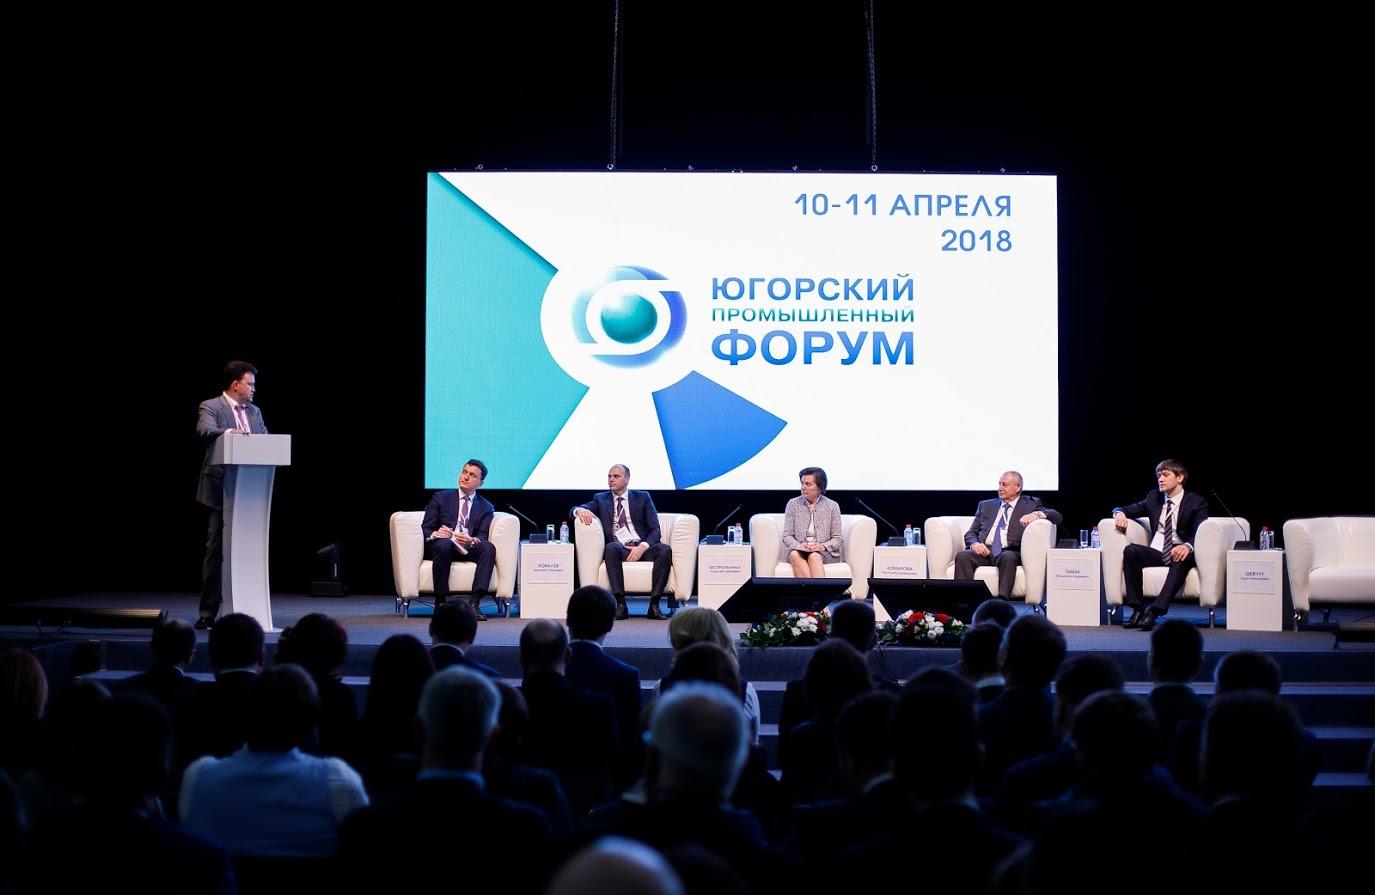 Югорский промышленный форум-2018